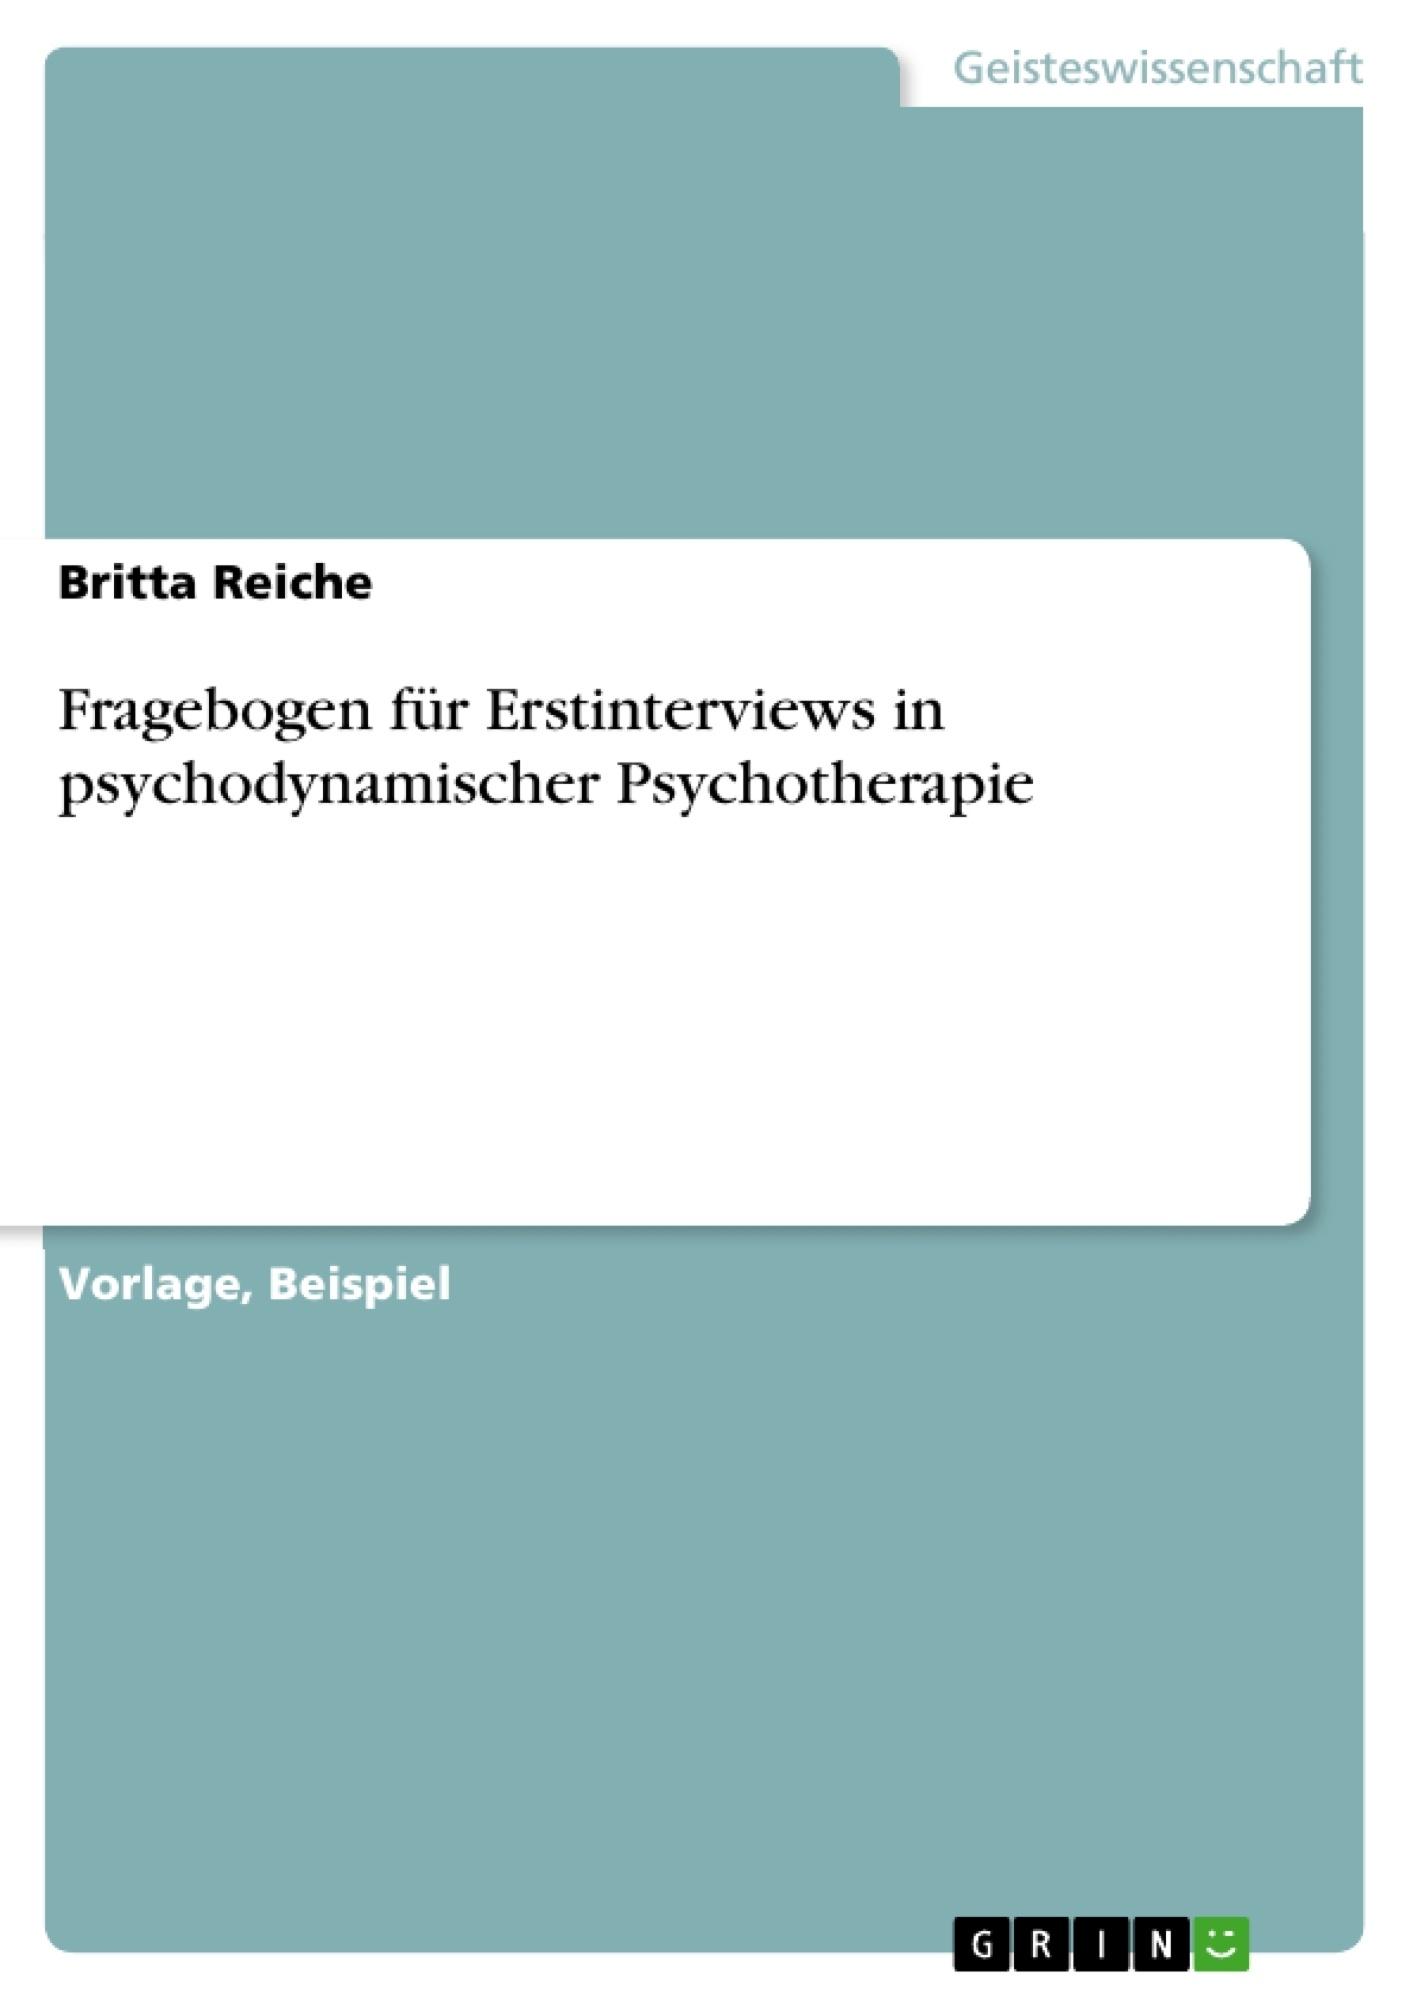 Titel: Fragebogen für Erstinterviews in psychodynamischer Psychotherapie